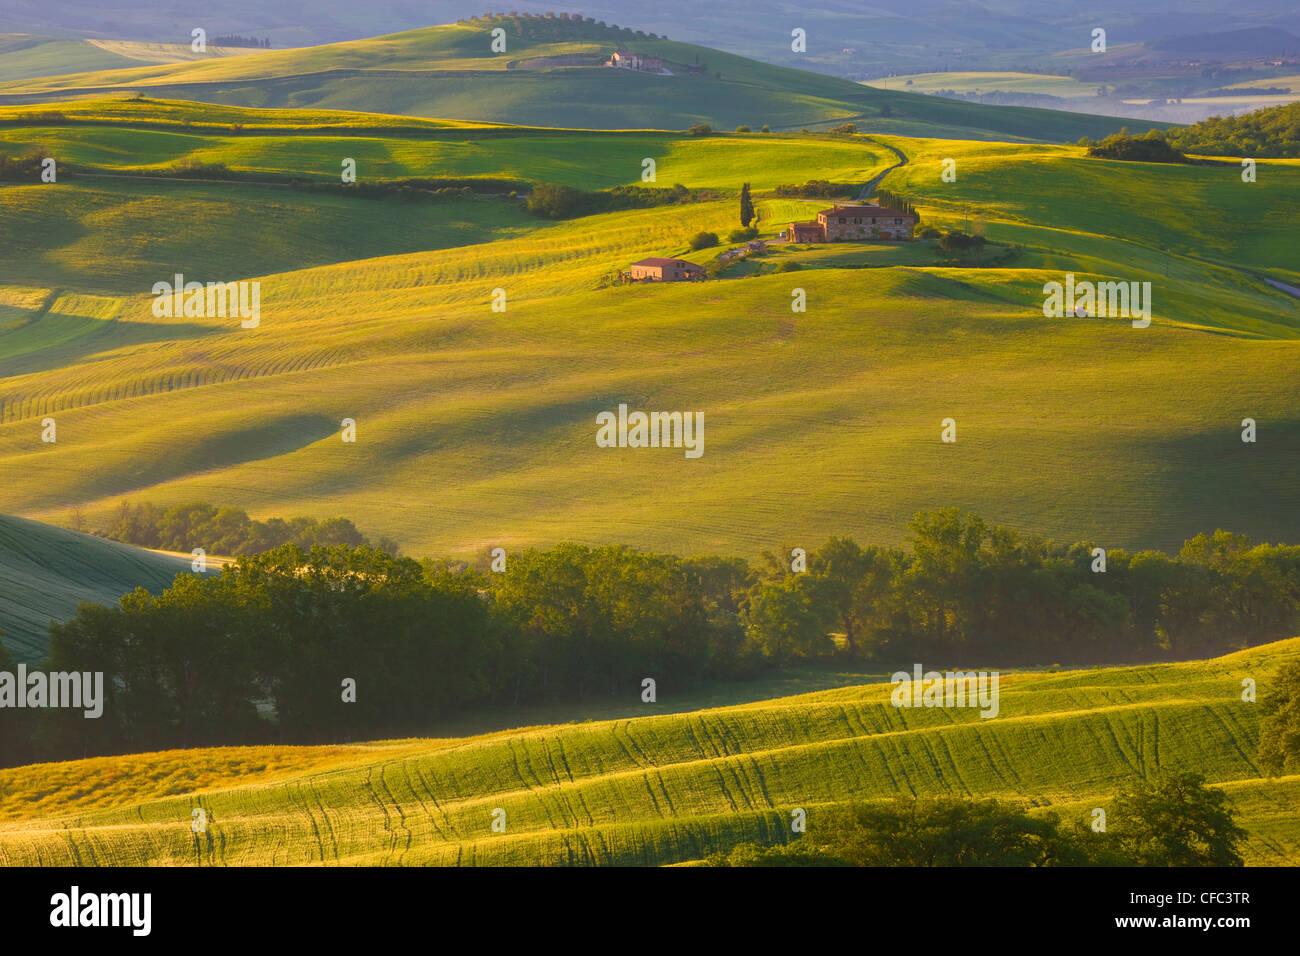 Countryside near Pienza, La Crete, Tuscany, Italy - Stock Image